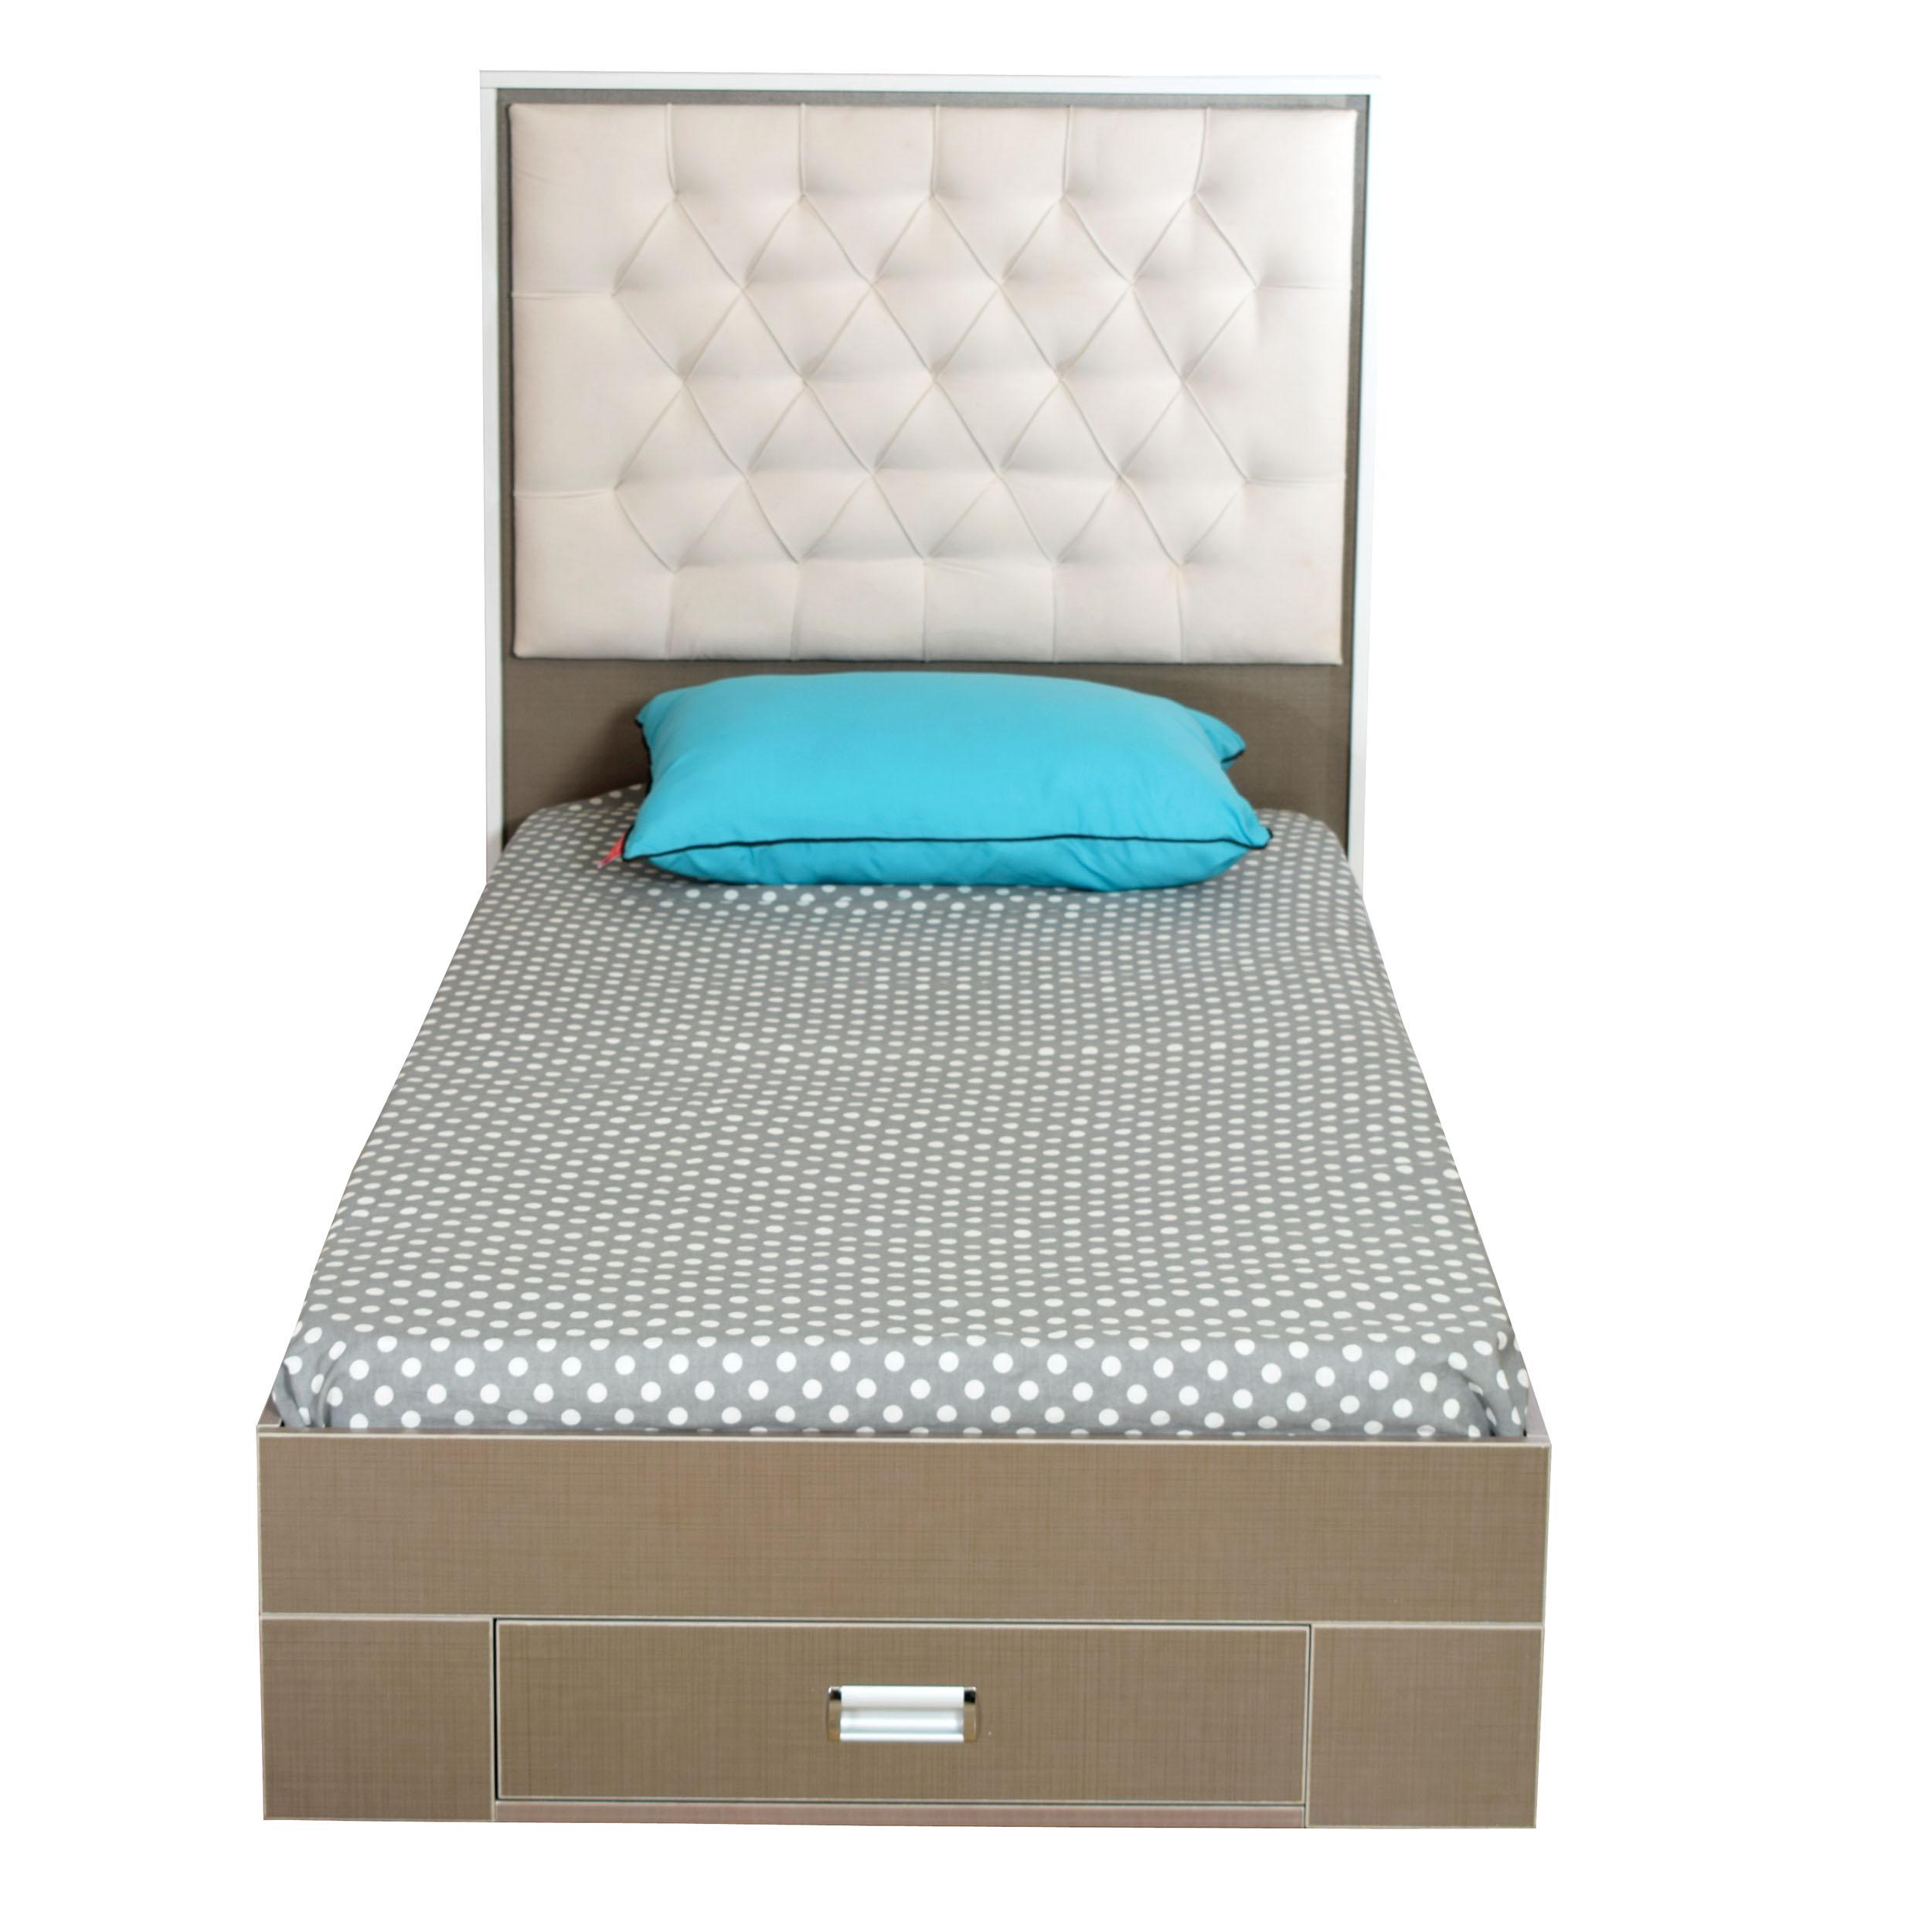 تخت خواب تک نفره مدل لامسی سایز 200x90 سانتی متر